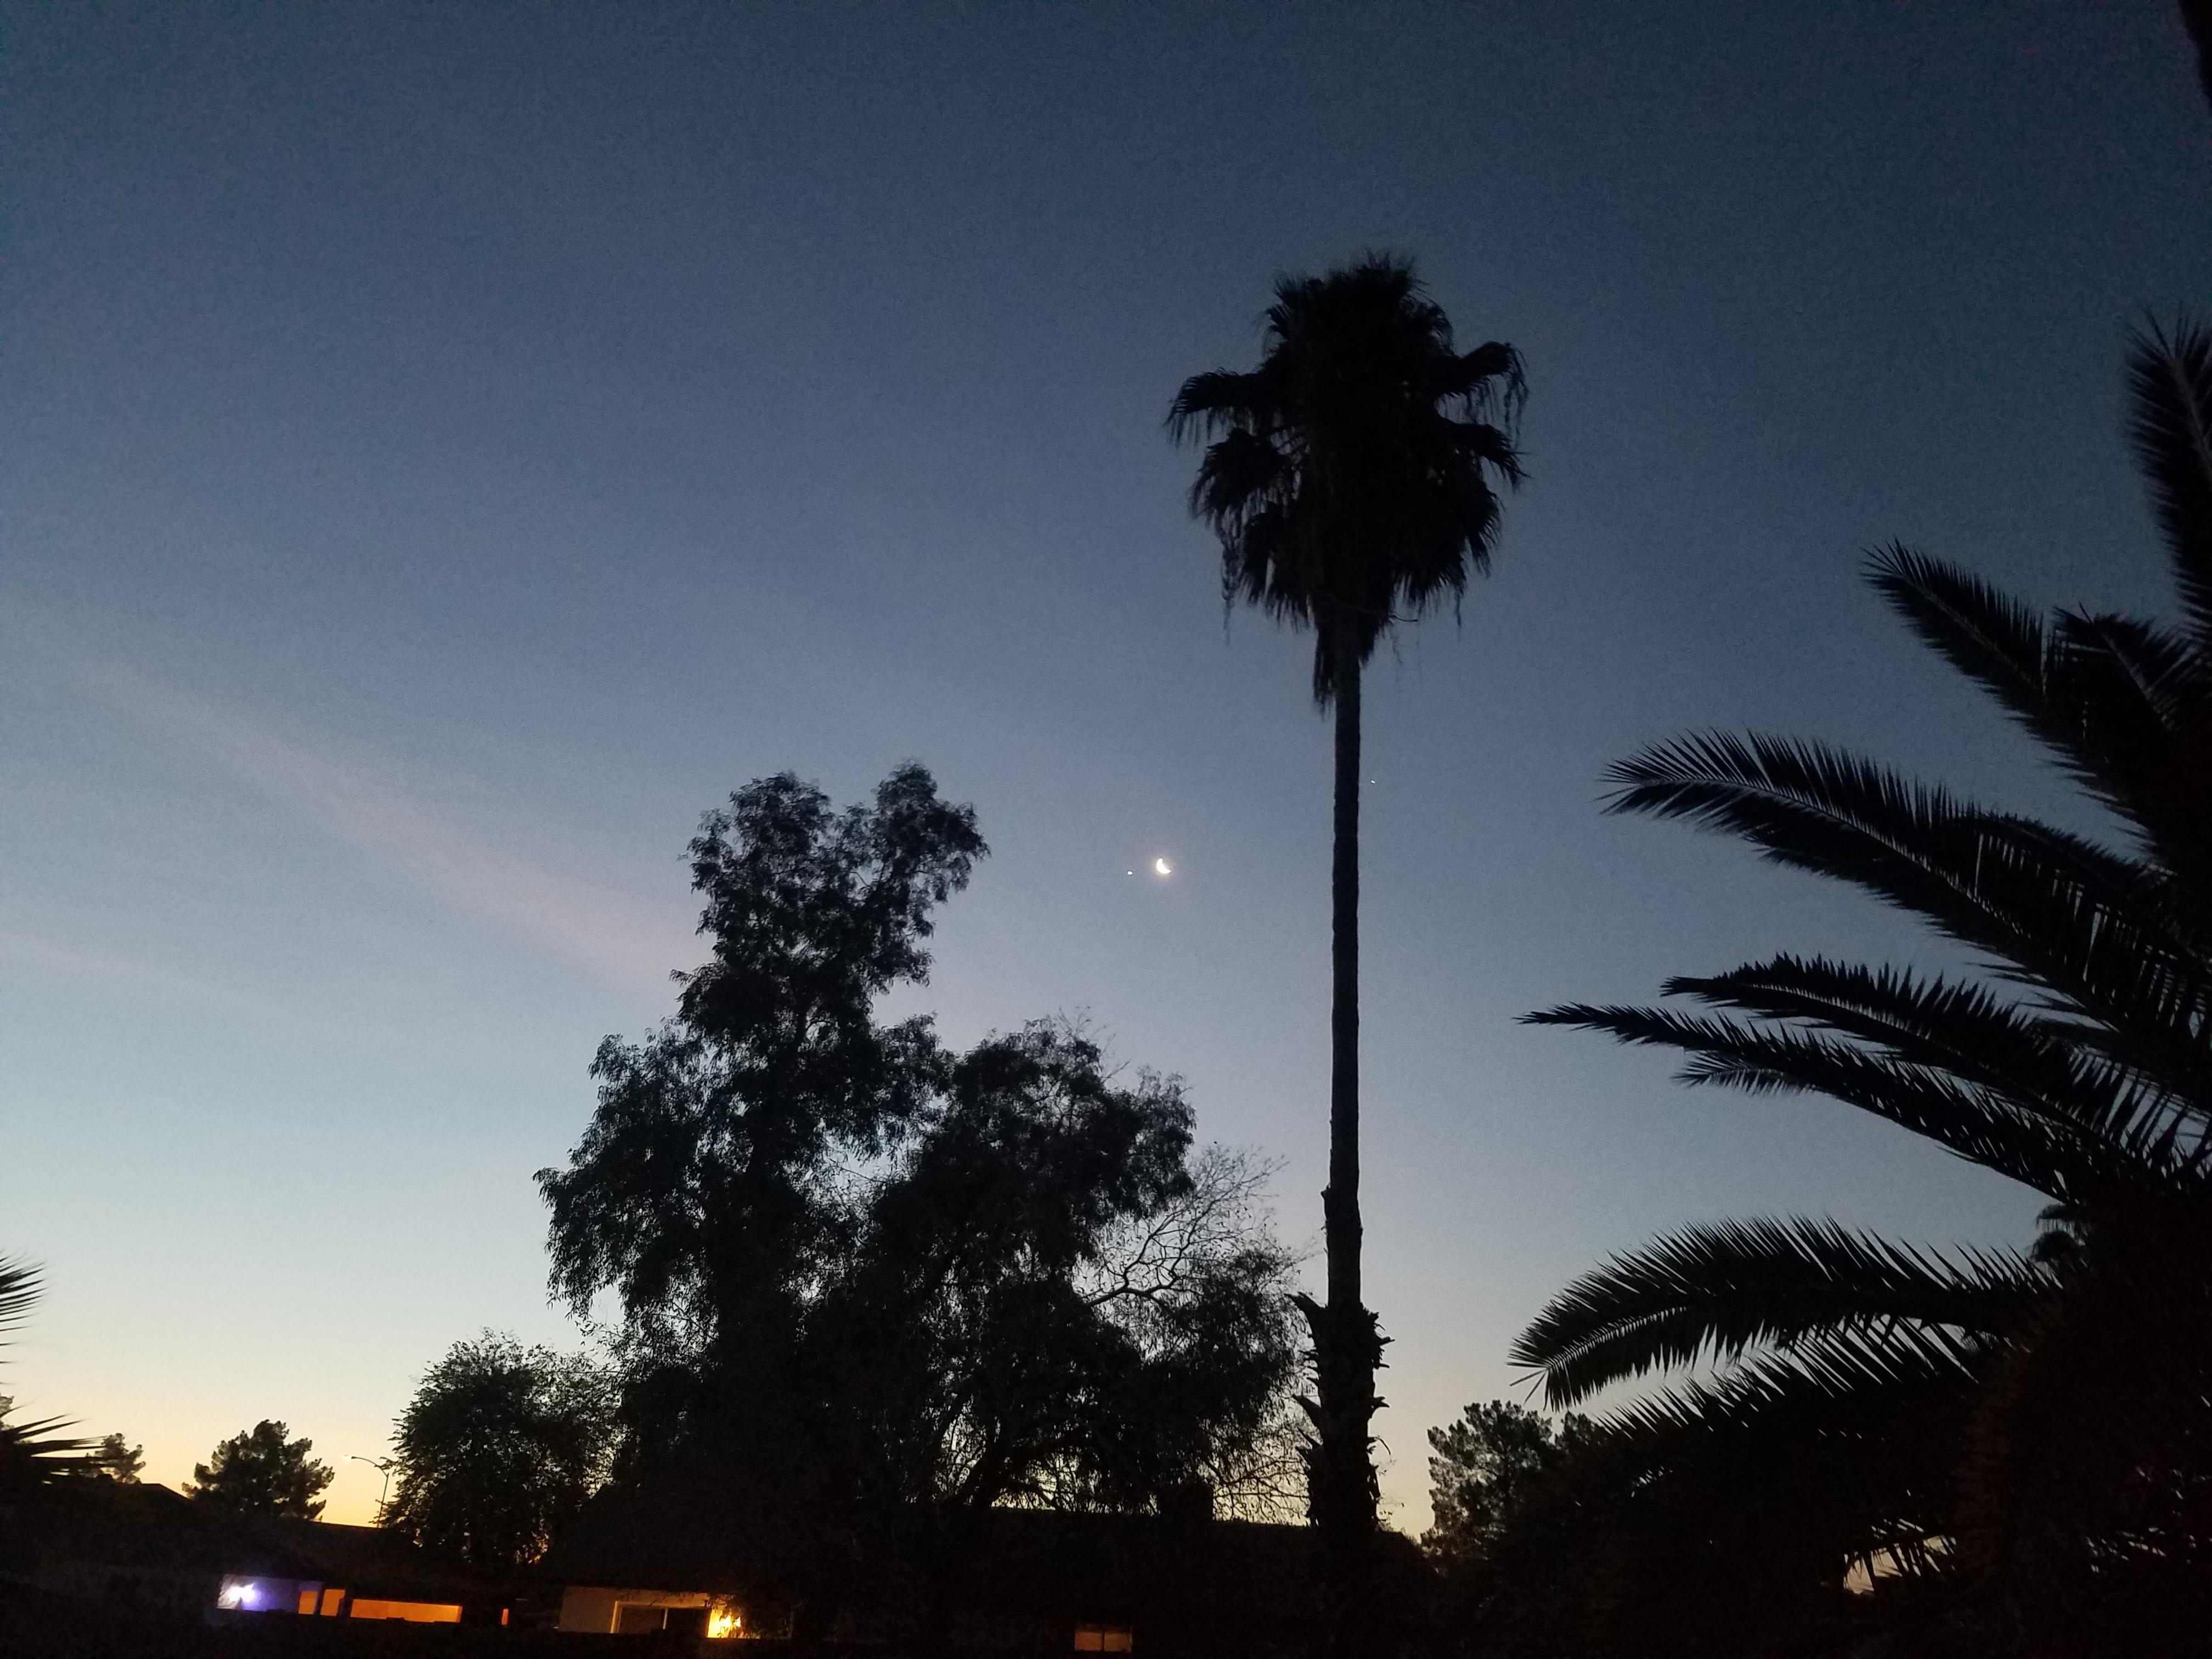 Mesa, Arizona (United States)